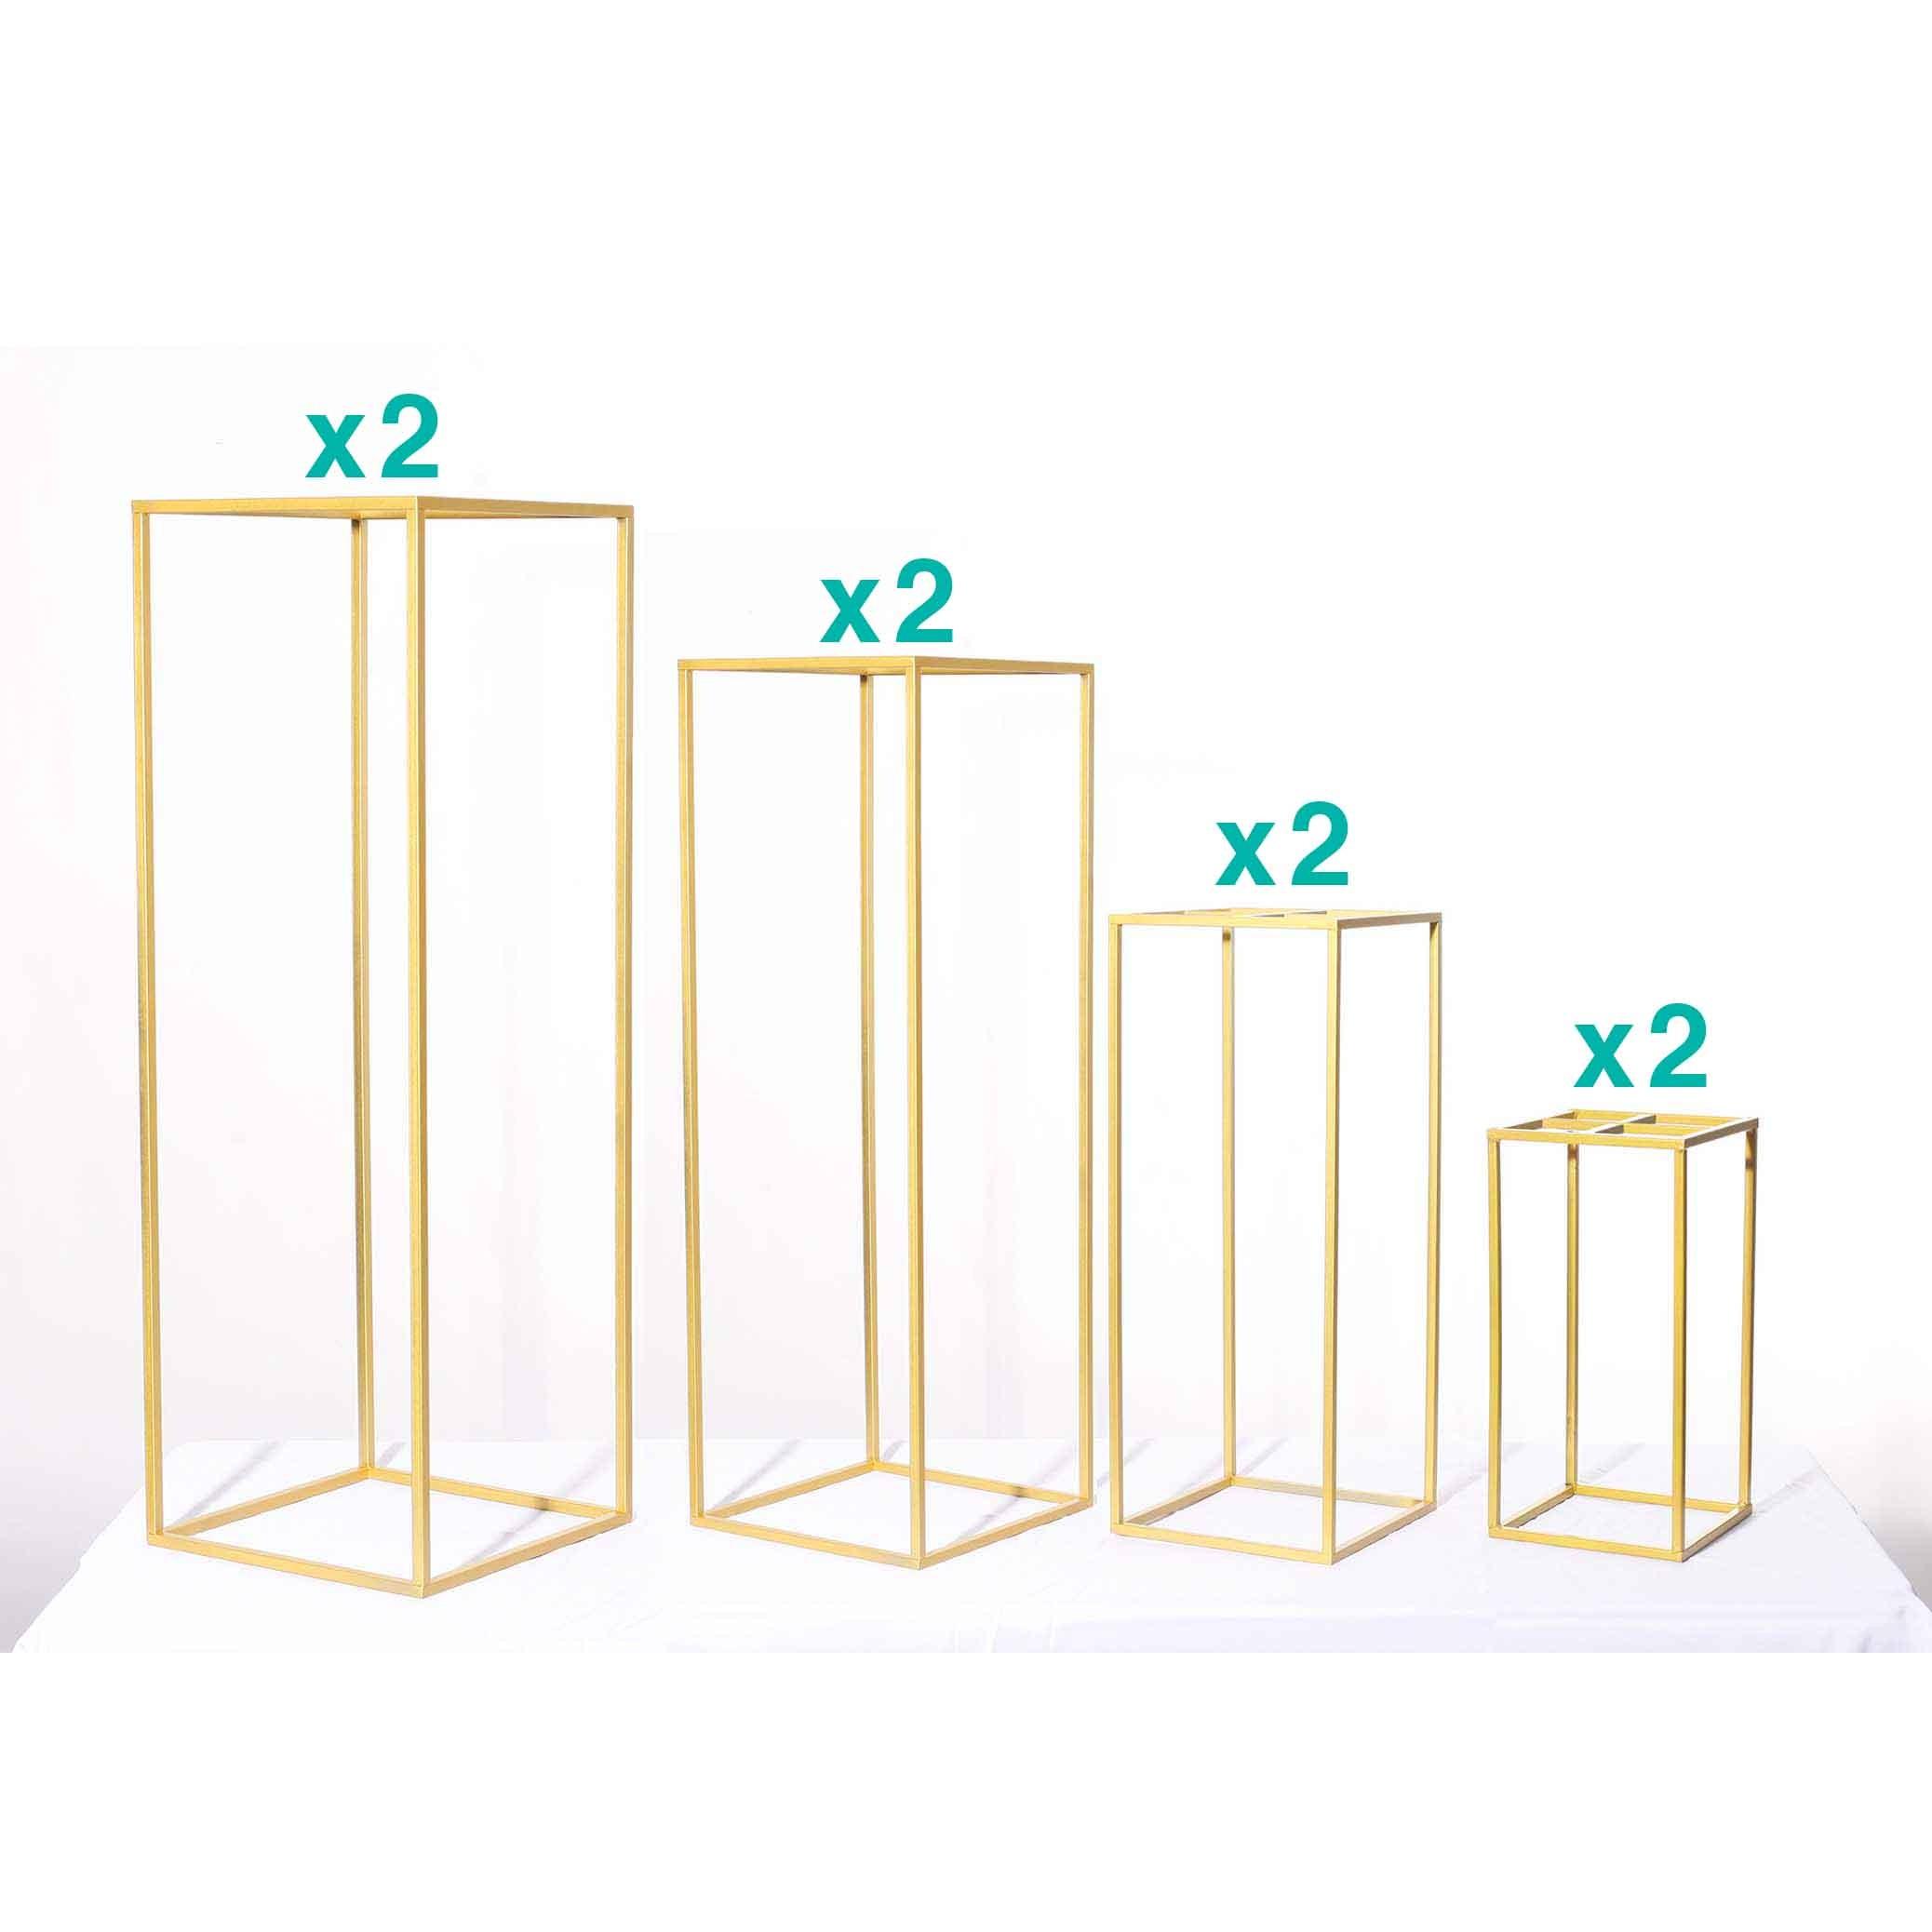 Gold Pedestals 4ft, 3ft, 2ft, 1ft